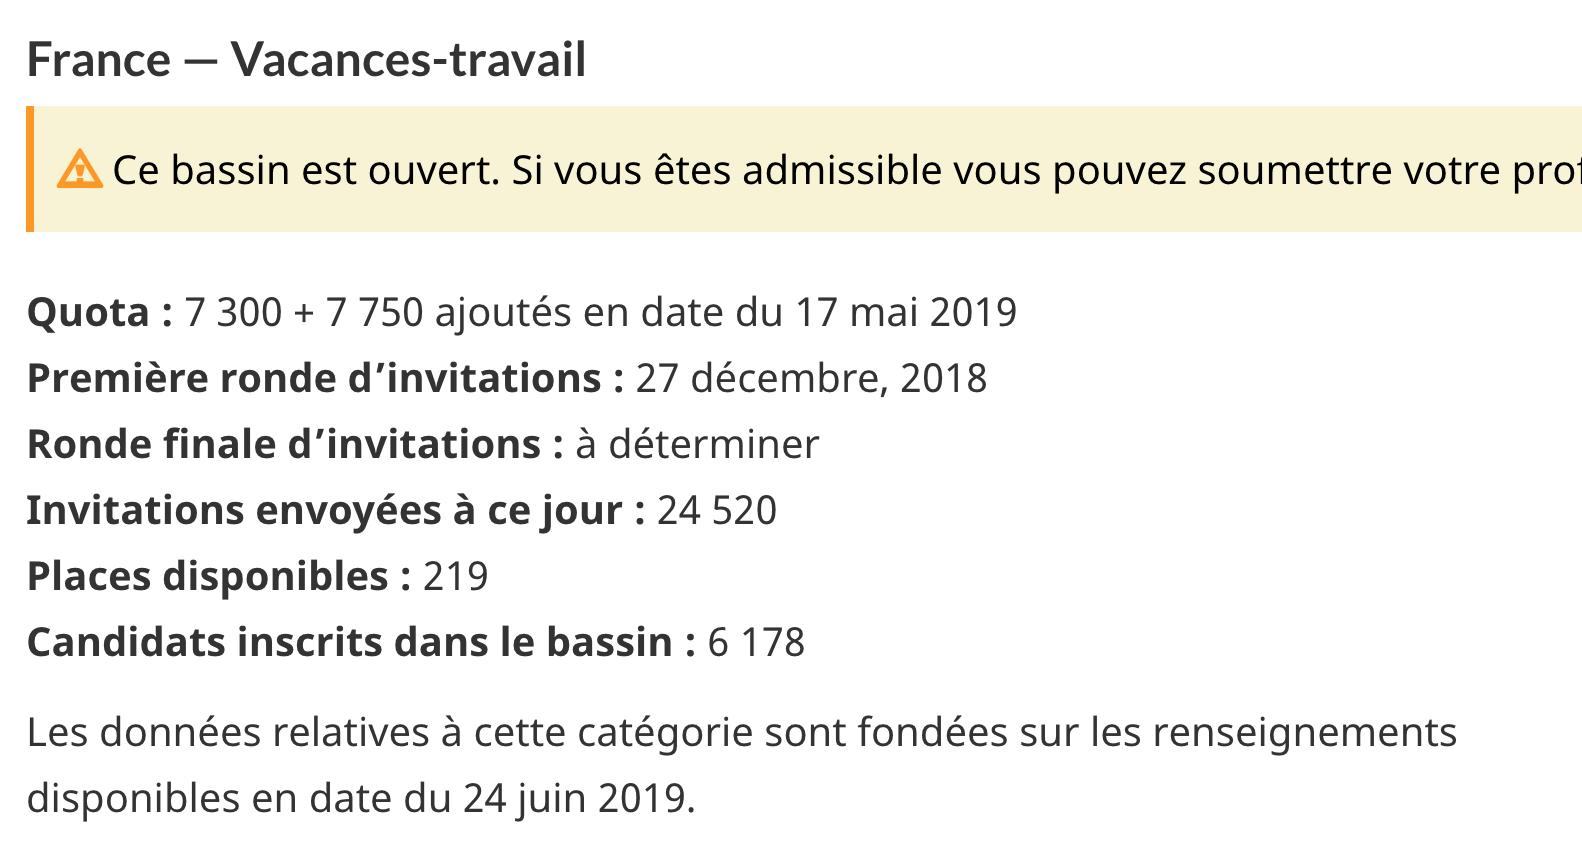 PVT Canada 2019 pour les Francais